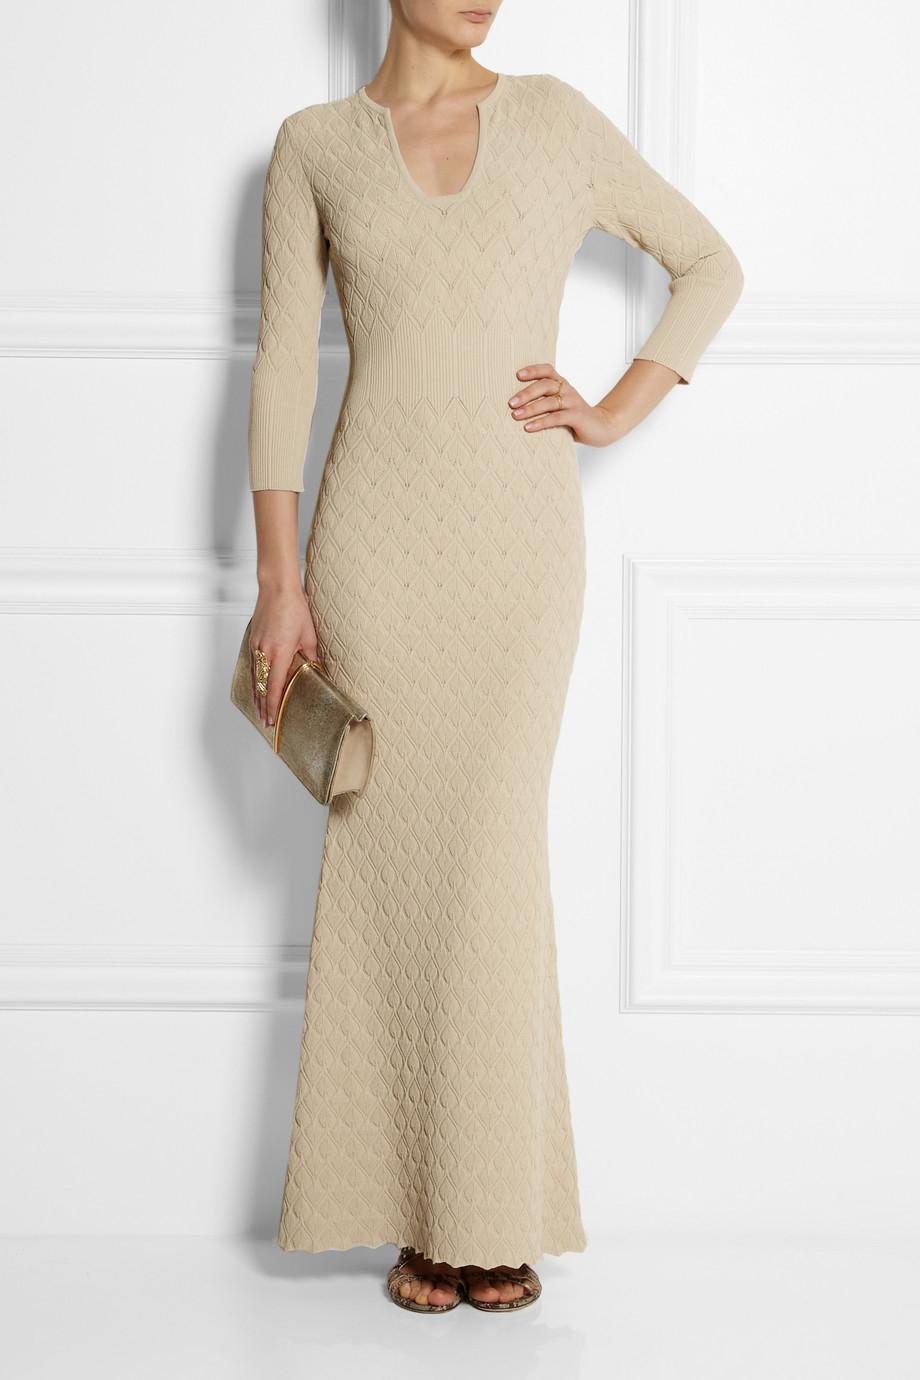 Alexander Mcqueen Textured Knit Maxi Dress In Natural Lyst